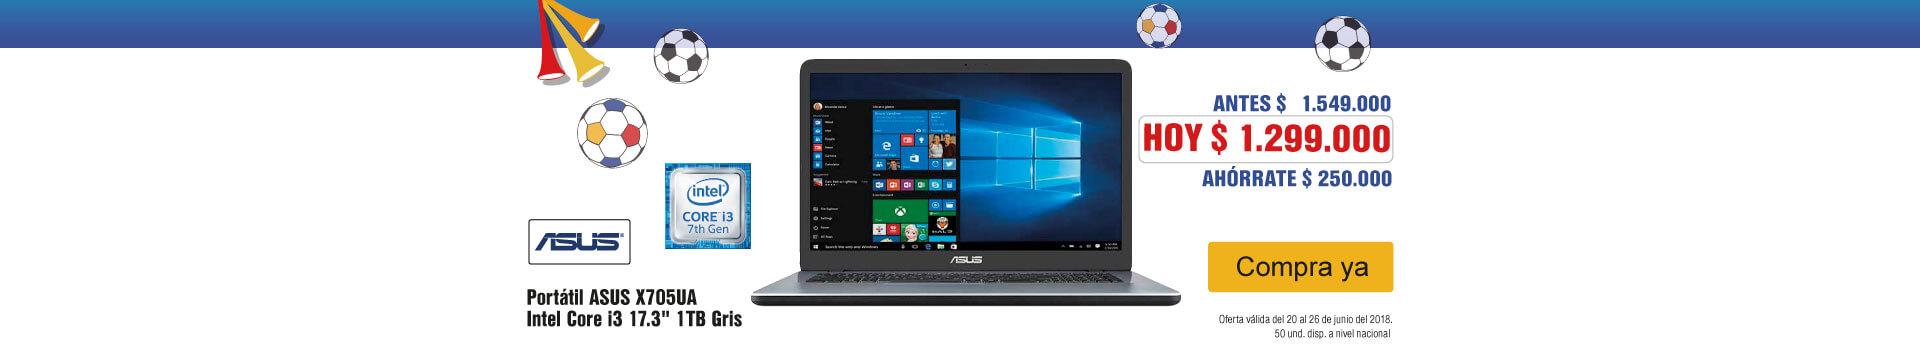 AK-KT-BCAT-1-computadores y tablets-portatiles-PP---Asus-X705UA-Jun20